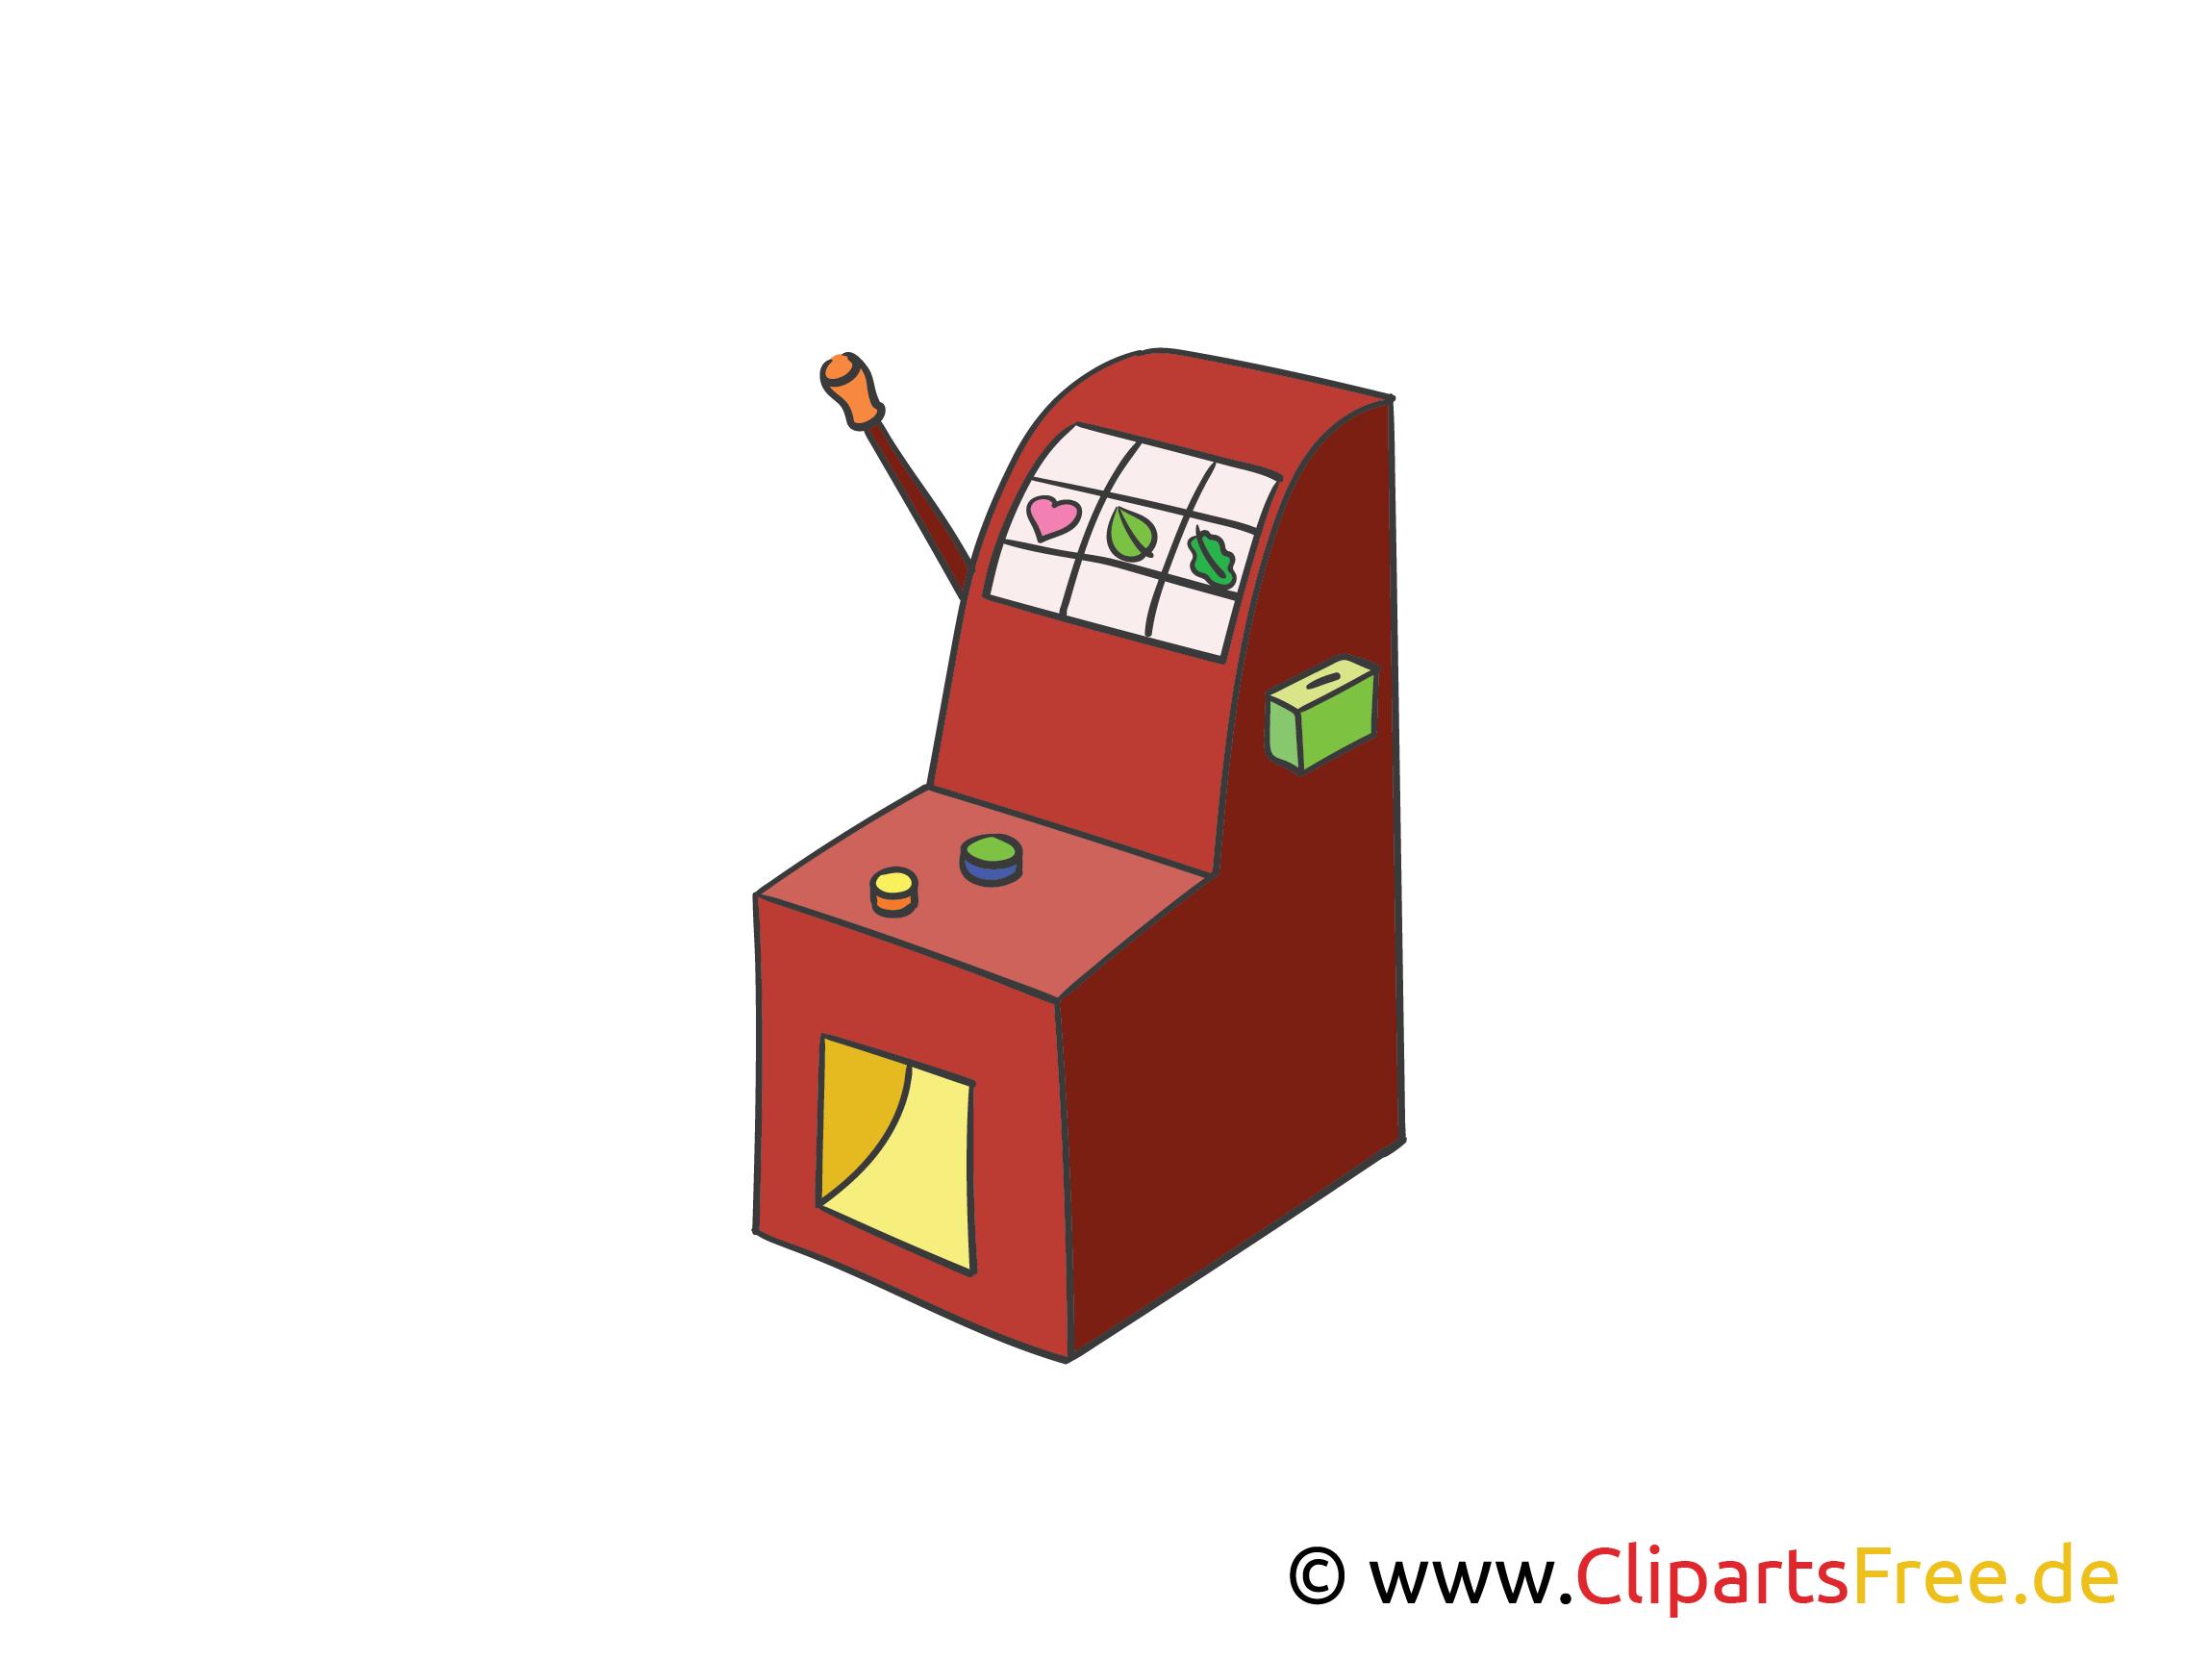 Spielautomat Illustration, Bild, Clipart Kasino